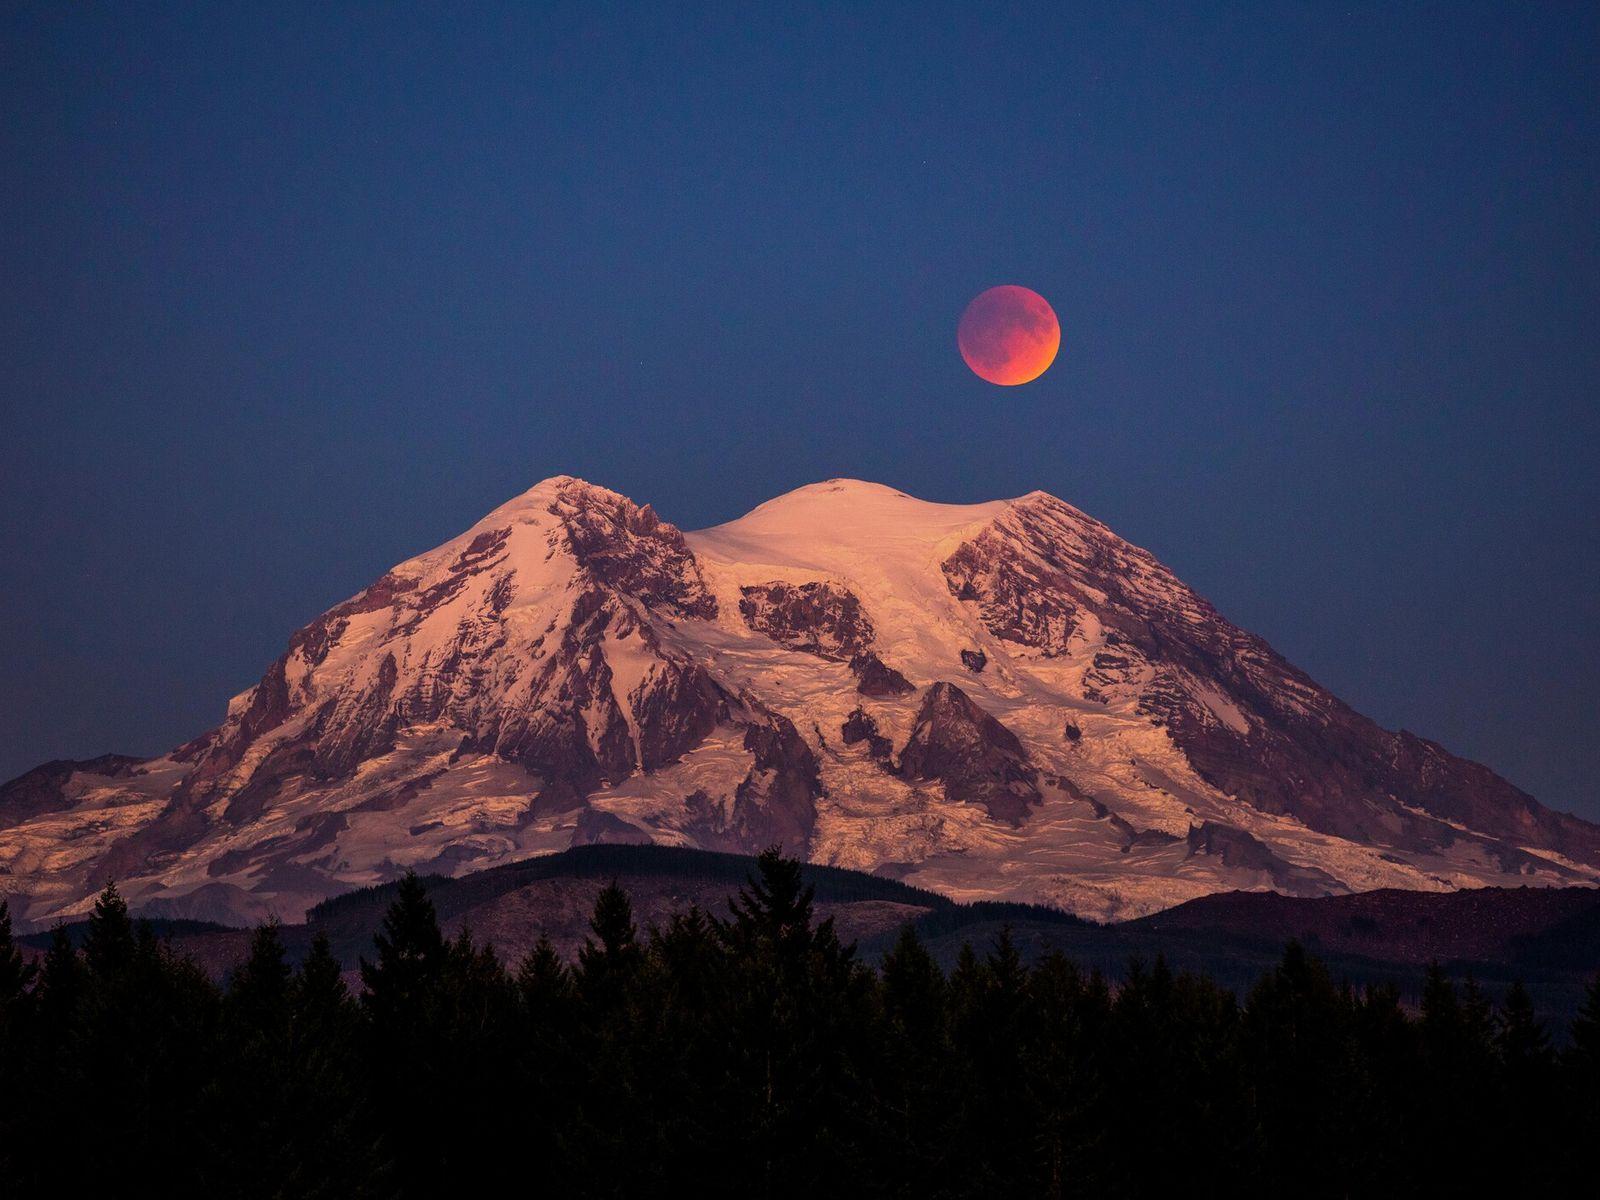 Uma Lua de Sangue, apelido do evento de eclipse lunar total, sobre o monte Rainier, no ...